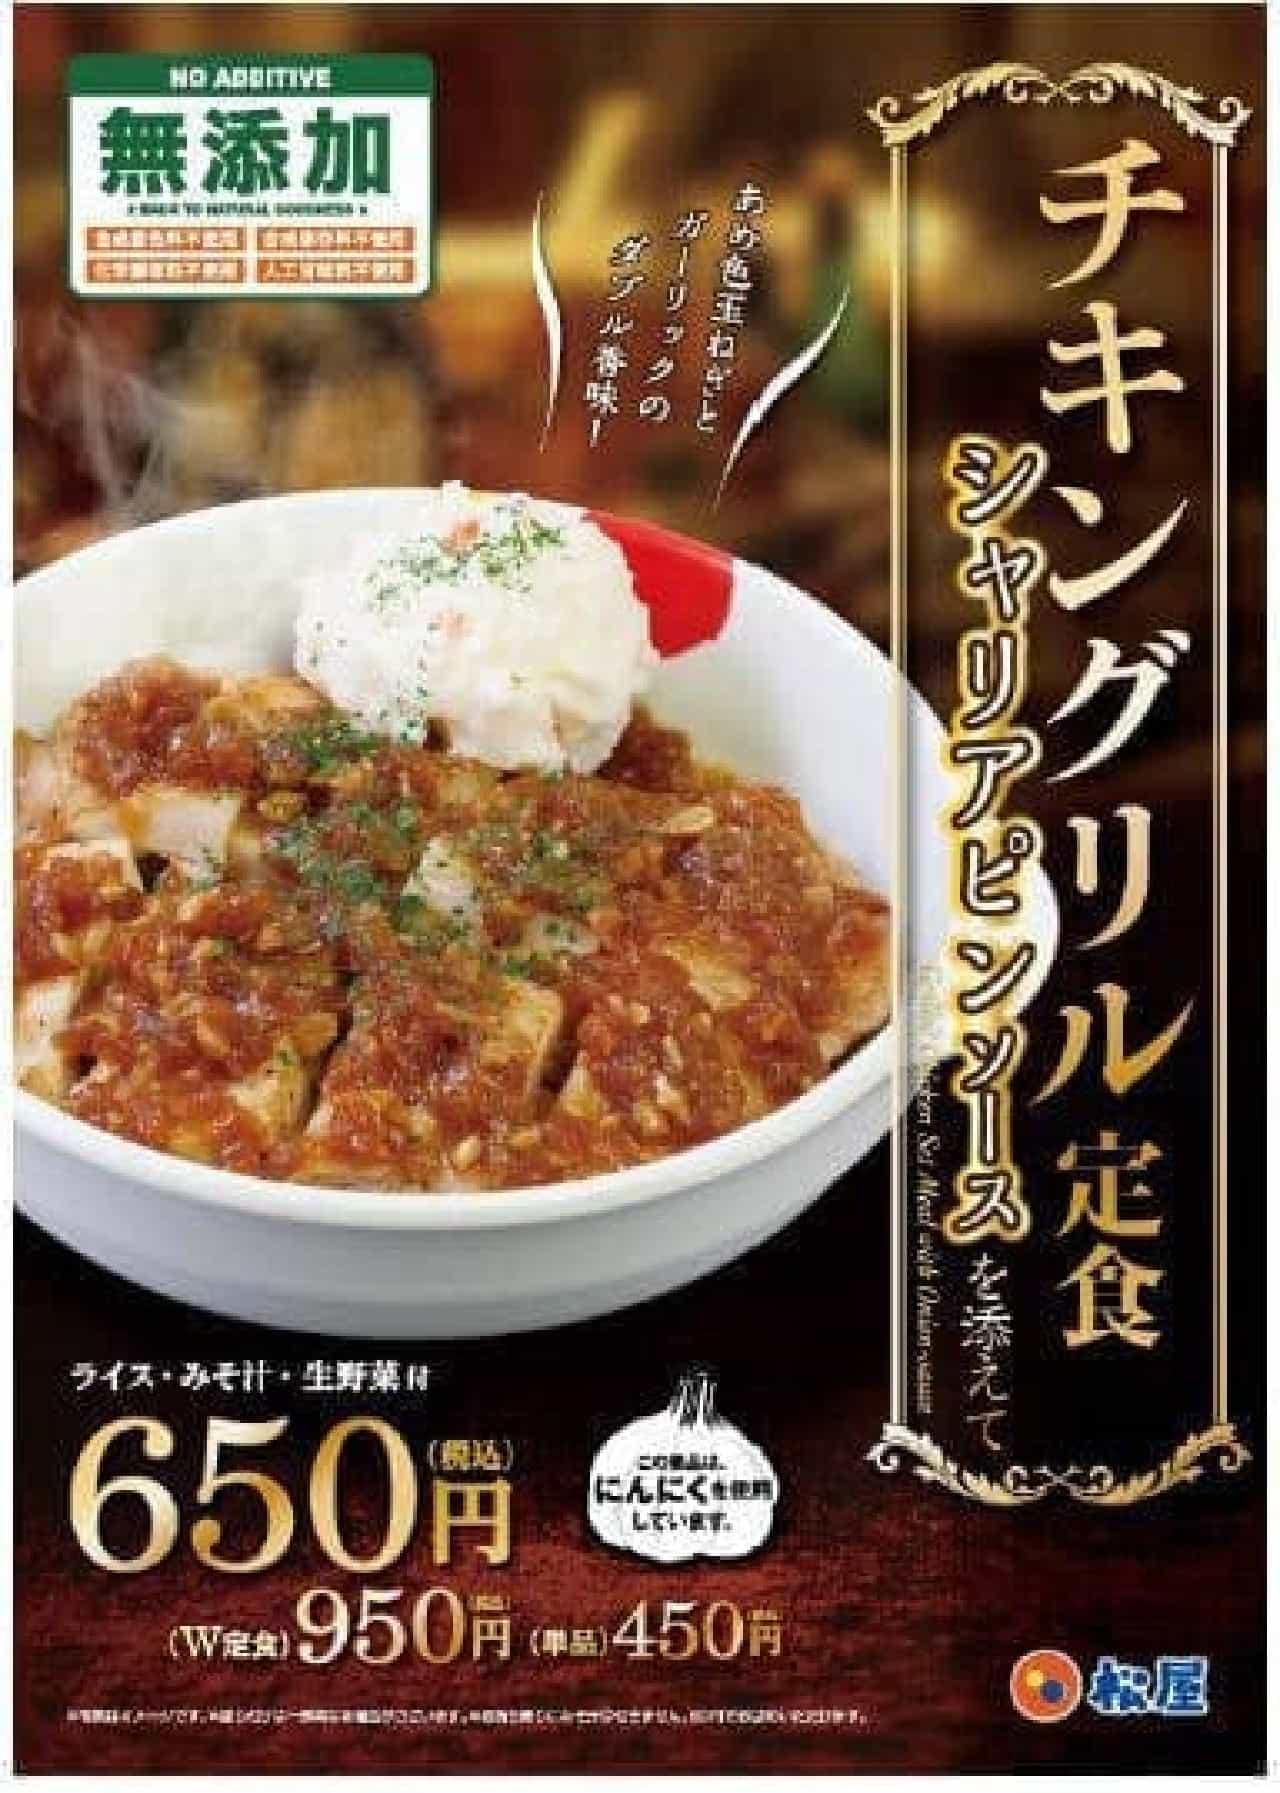 松屋に新メニュー「チキングリル定食」